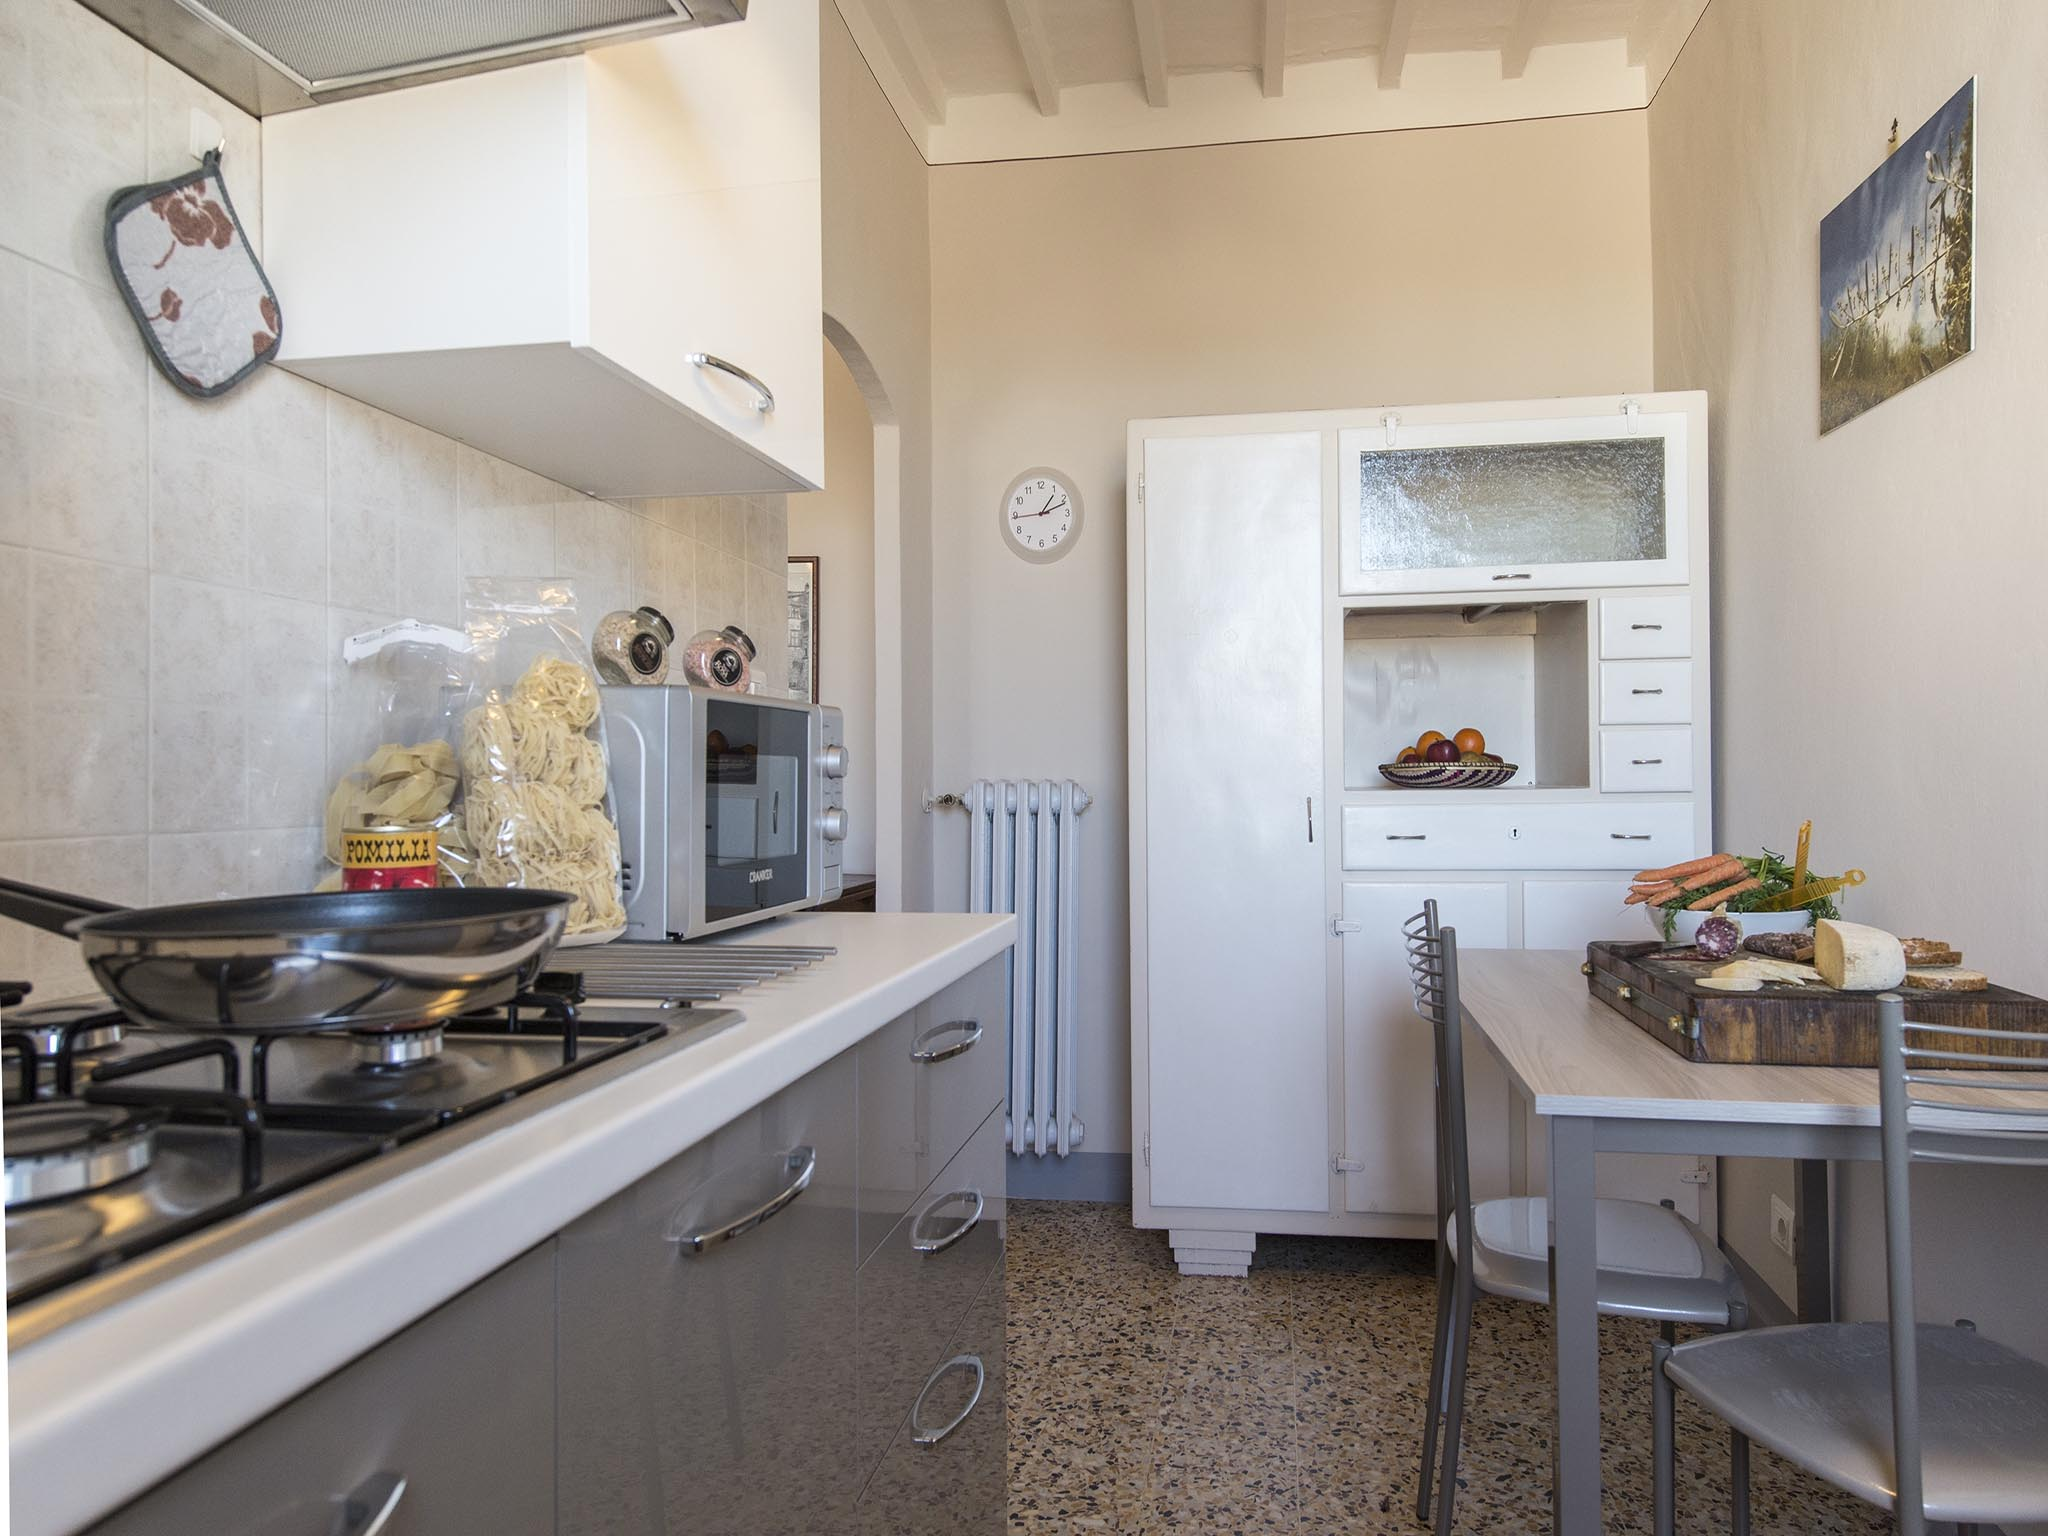 Ferienwohnung Sophisticated 1bdr in the center of Pienza, near Siena (2132189), Pienza, Siena, Toskana, Italien, Bild 6